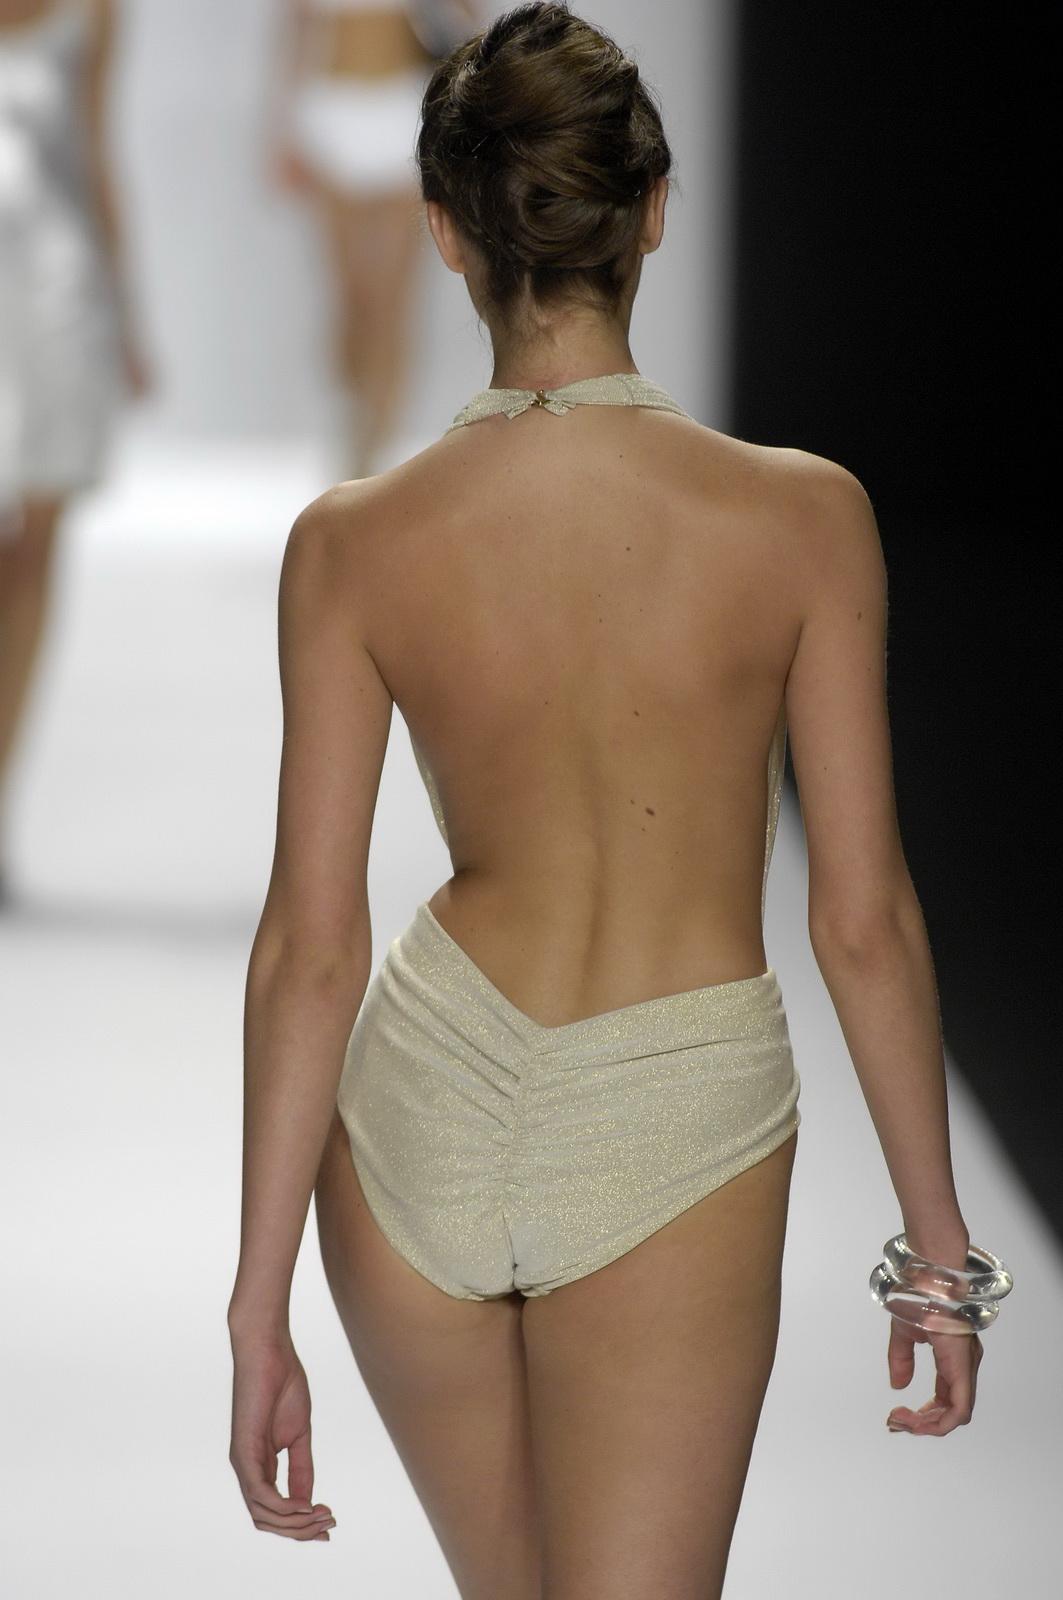 http://3.bp.blogspot.com/_NRGPIrDtEg8/TQsbKvyG5qI/AAAAAAAAAXk/U73Bn5VUk1E/s1600/Candice_Swanepoel_supery_Bathing_Suit_4.jpg